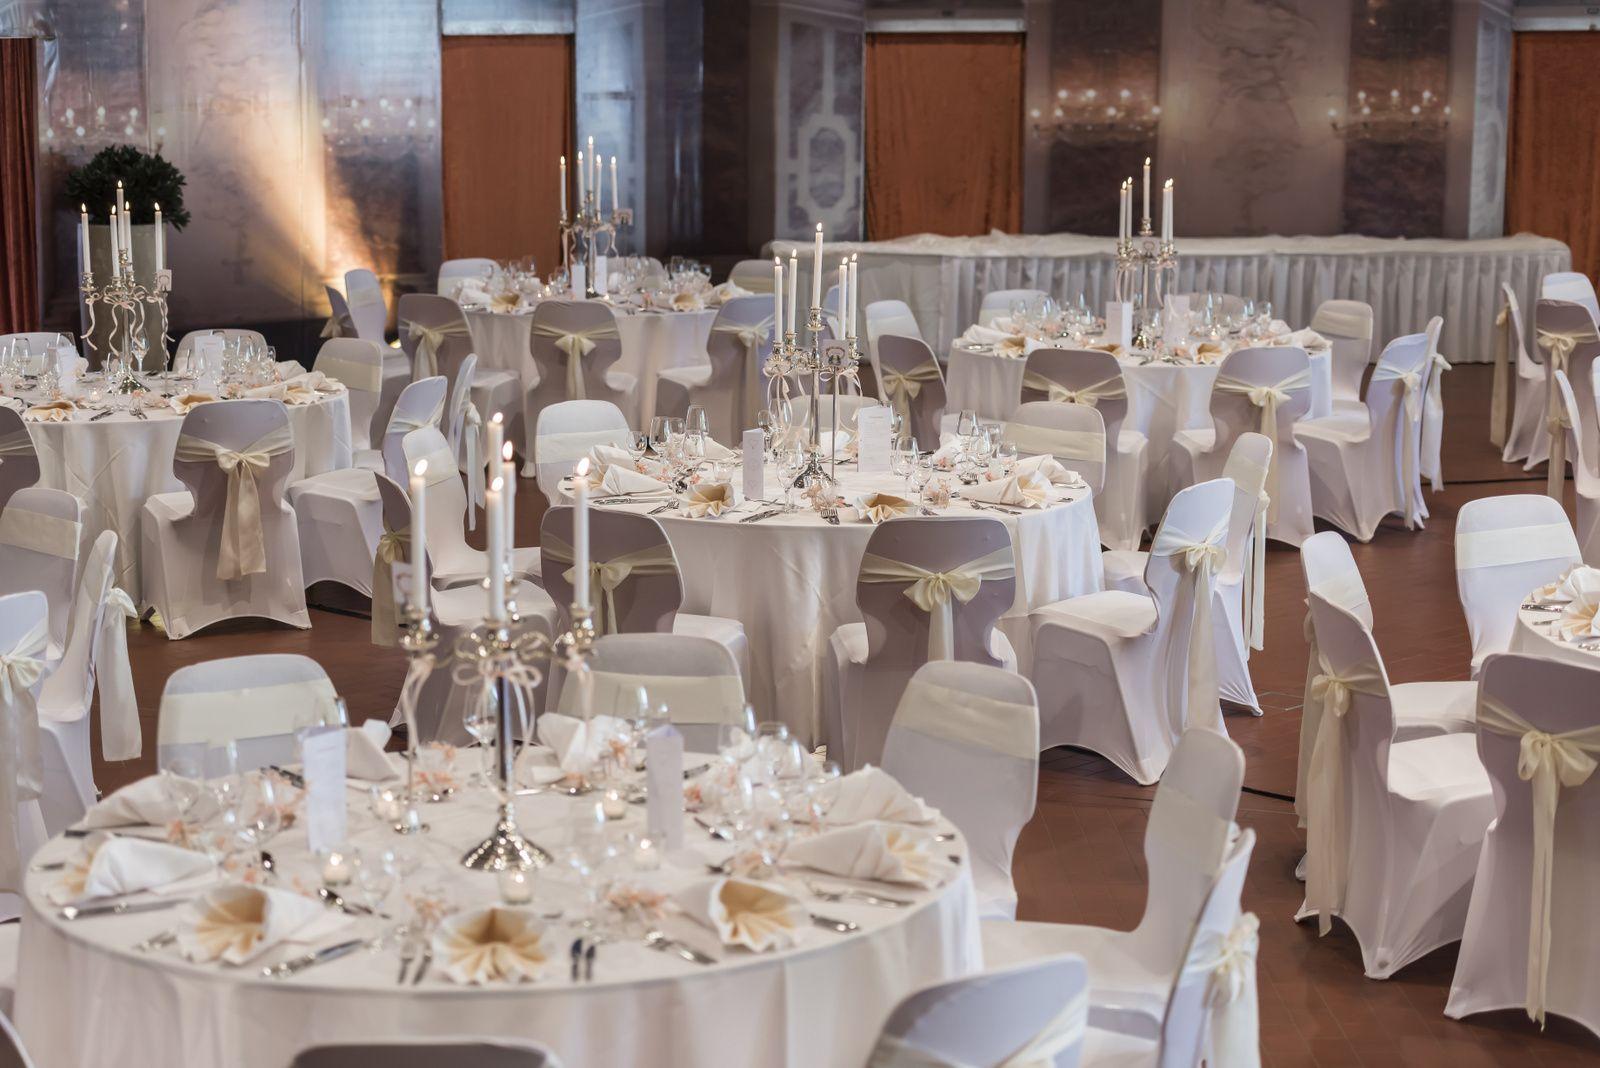 Hochzeit In Der Festhalle Baumhain In Mannheim Mein Traumtag Hochzeitslocation Hochzeit Familienfeier Hochzeitslocation